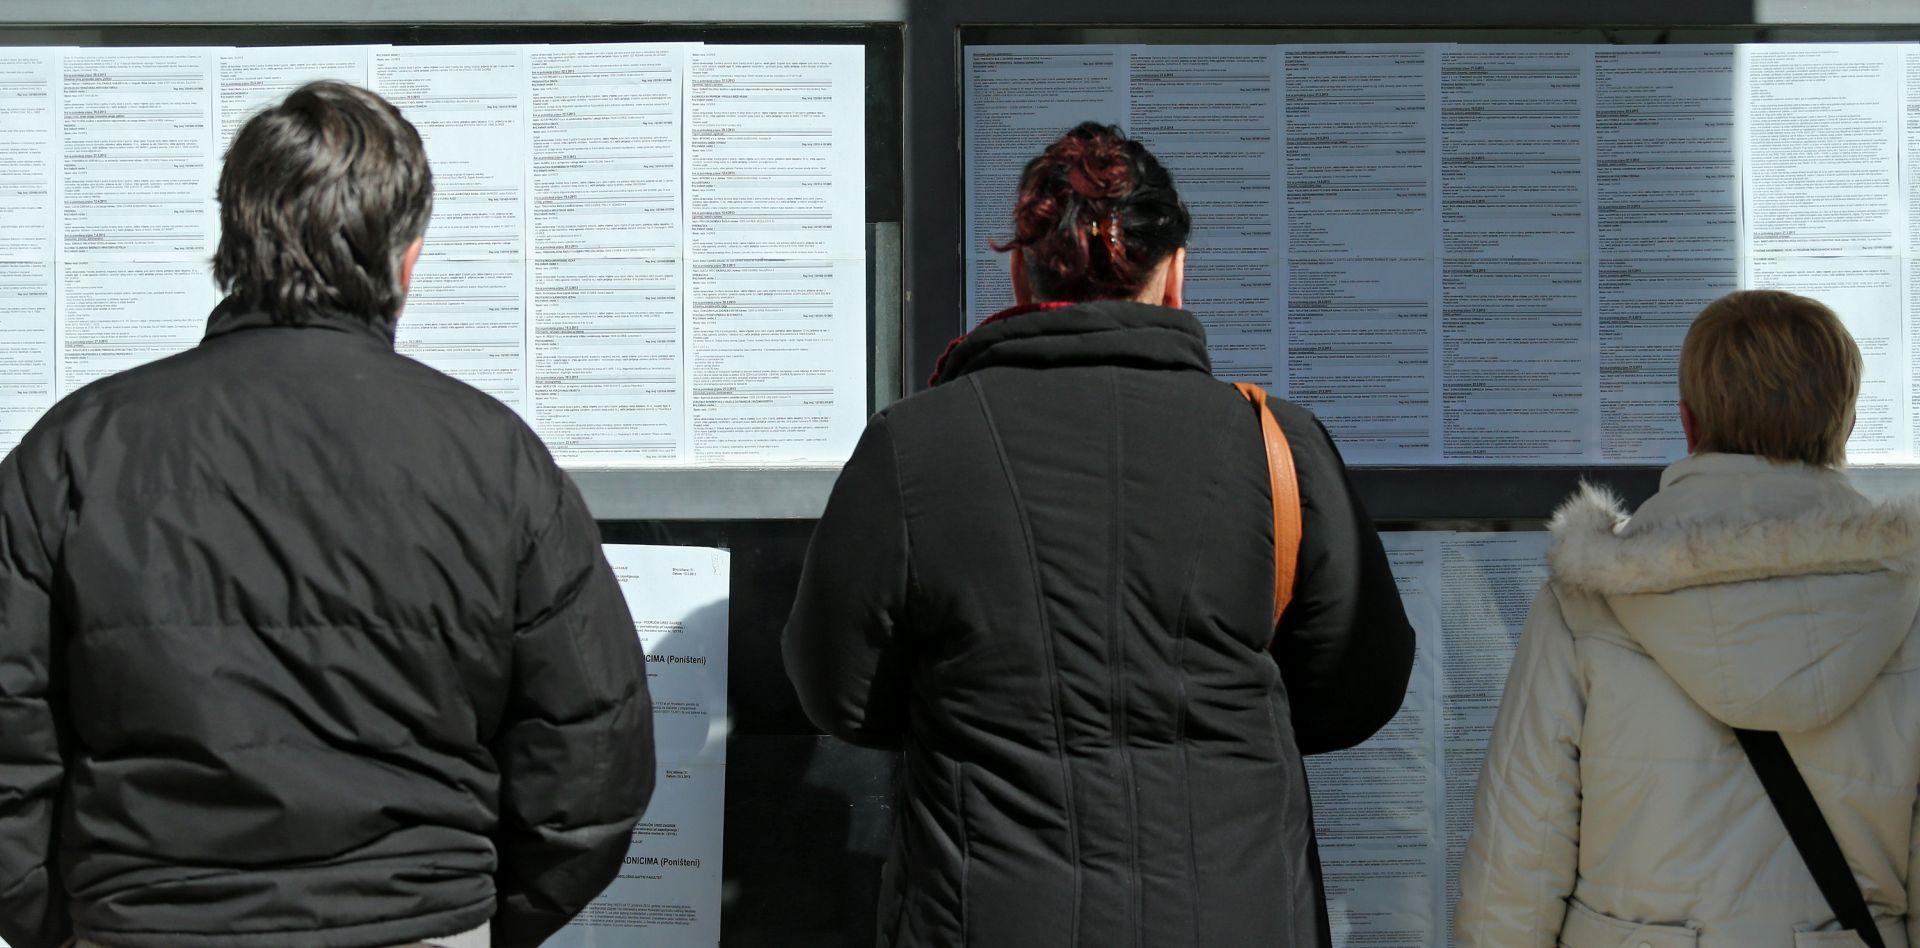 STUDIJA Hrvatska do 2020. godine očekuje povećanje zaposlenosti od 3,7 posto u odnosu na 2014.